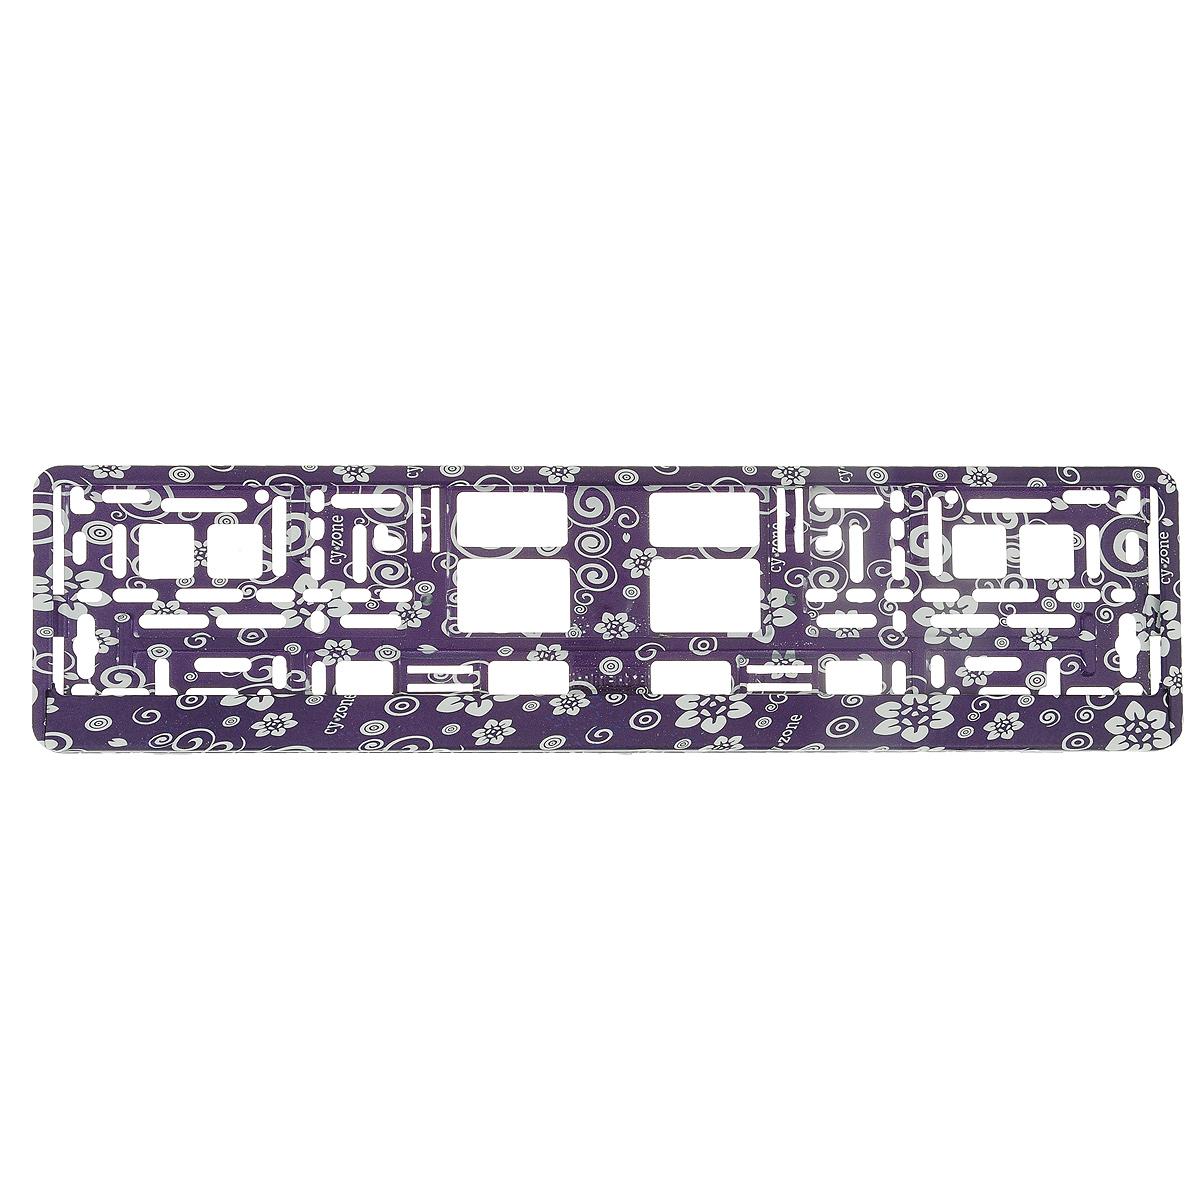 Рамка под номер Цветы, цвет: фиолетовыйKGB GX-3Рамка Цветы не только закрепит регистрационный знак на вашем автомобиле, но и красиво его оформит. Основание рамки выполнено из полипропилена, материал лицевой панели - пластик.Она предназначена для крепления регистрационного знака российского и европейского образца, декорирована принтом. Устанавливается на все типы автомобилей. Крепления в комплект не входят.Стильный дизайн идеально впишется в экстерьер вашего автомобиля.Размер рамки: 53,5 см х 13,5 см. Размер регистрационного знака: 52,5 см х 11,5 см.